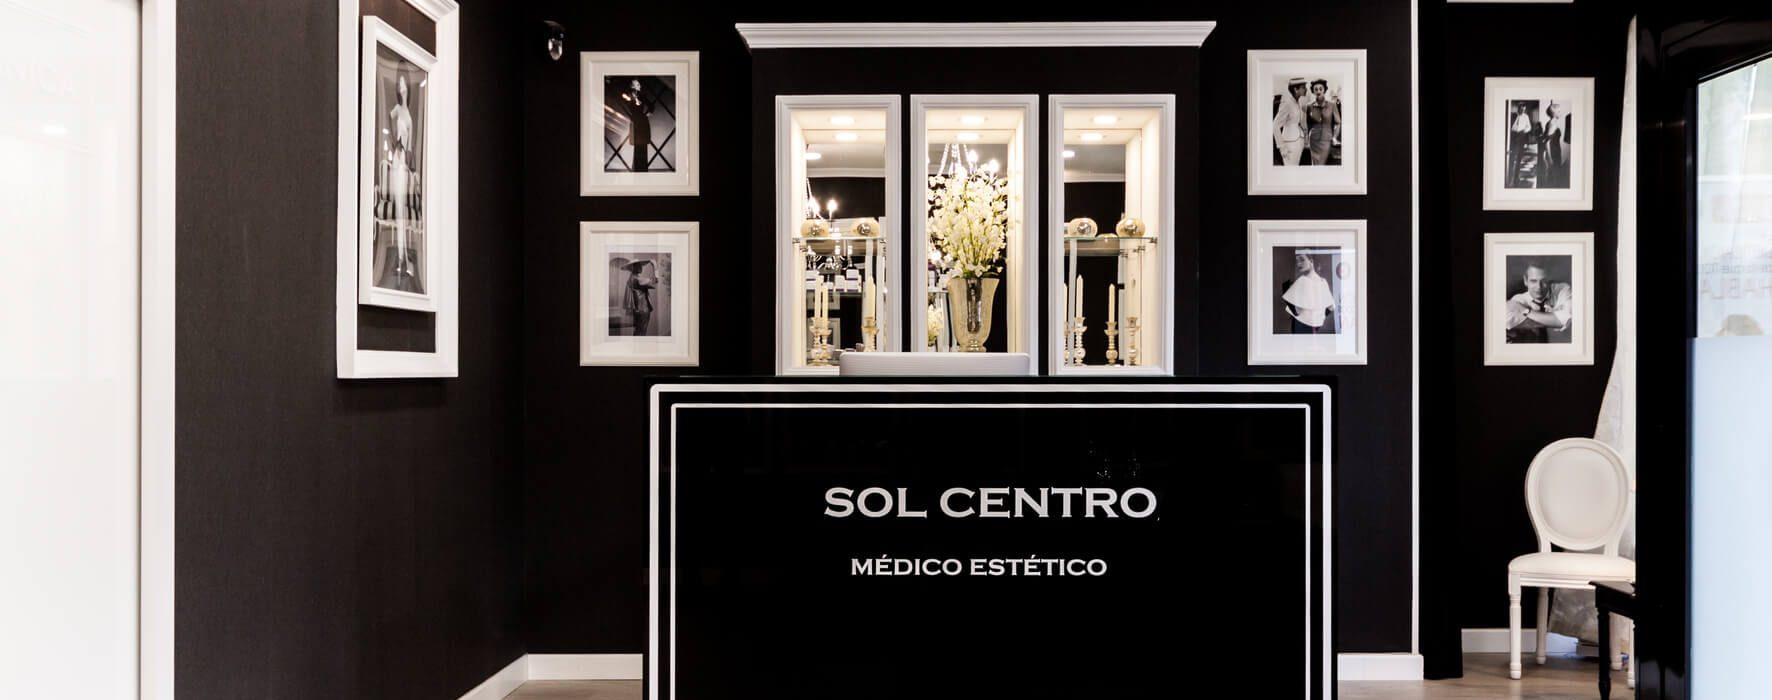 Sol Centro Medico Estetico_MBE